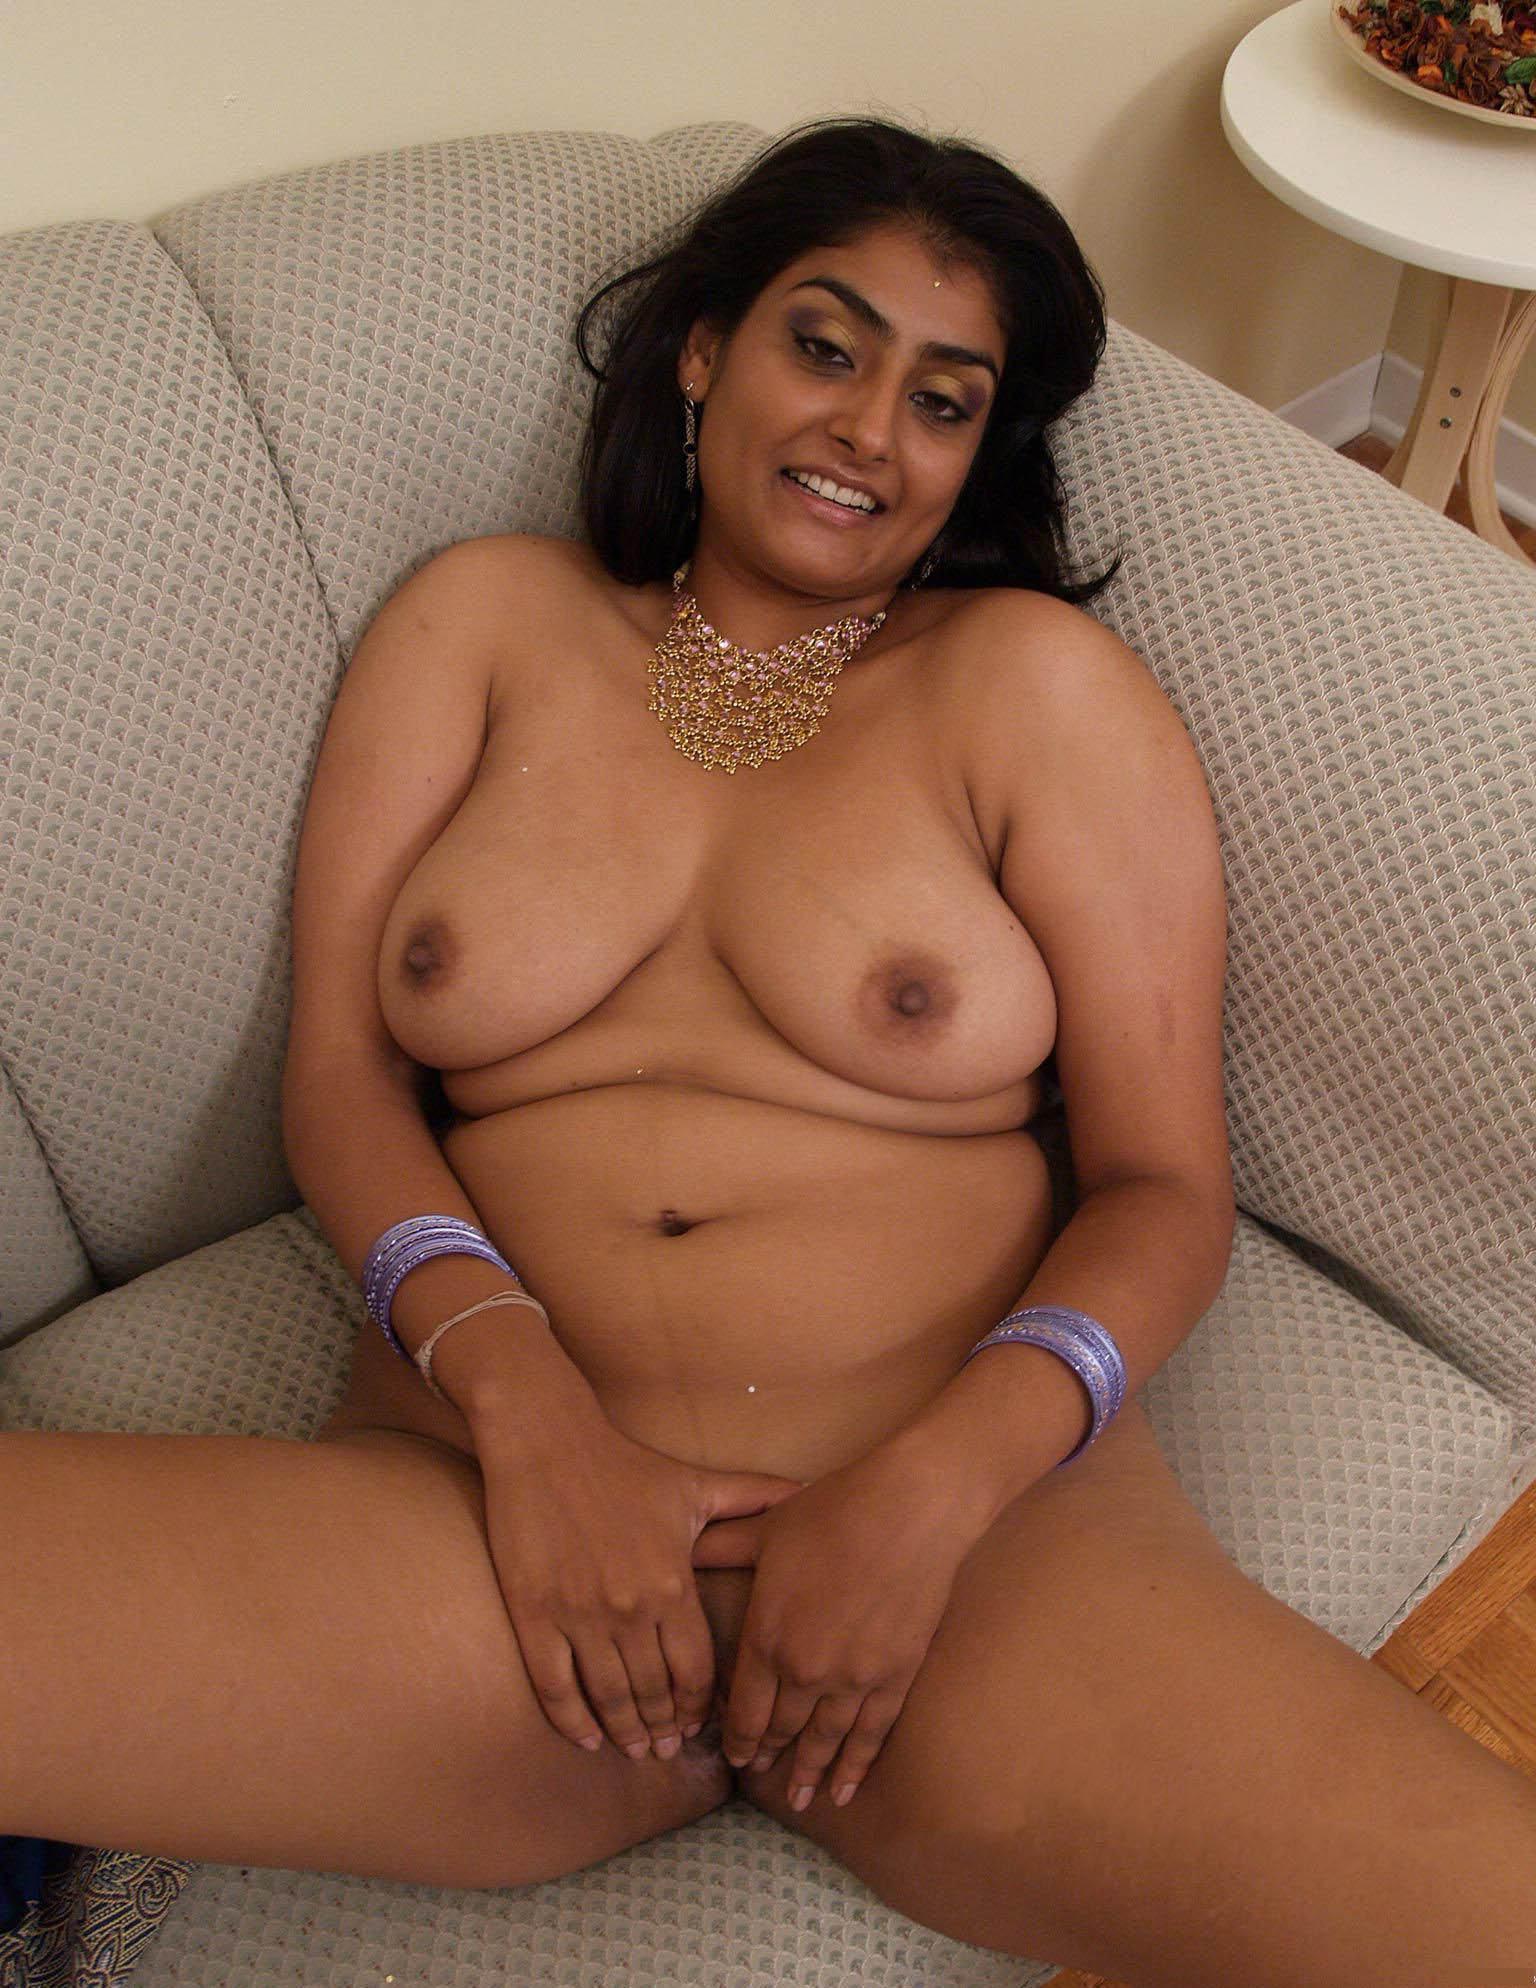 indian bhabhi nude 2 - Mumbai College Girls & Bhabhi Nude Images